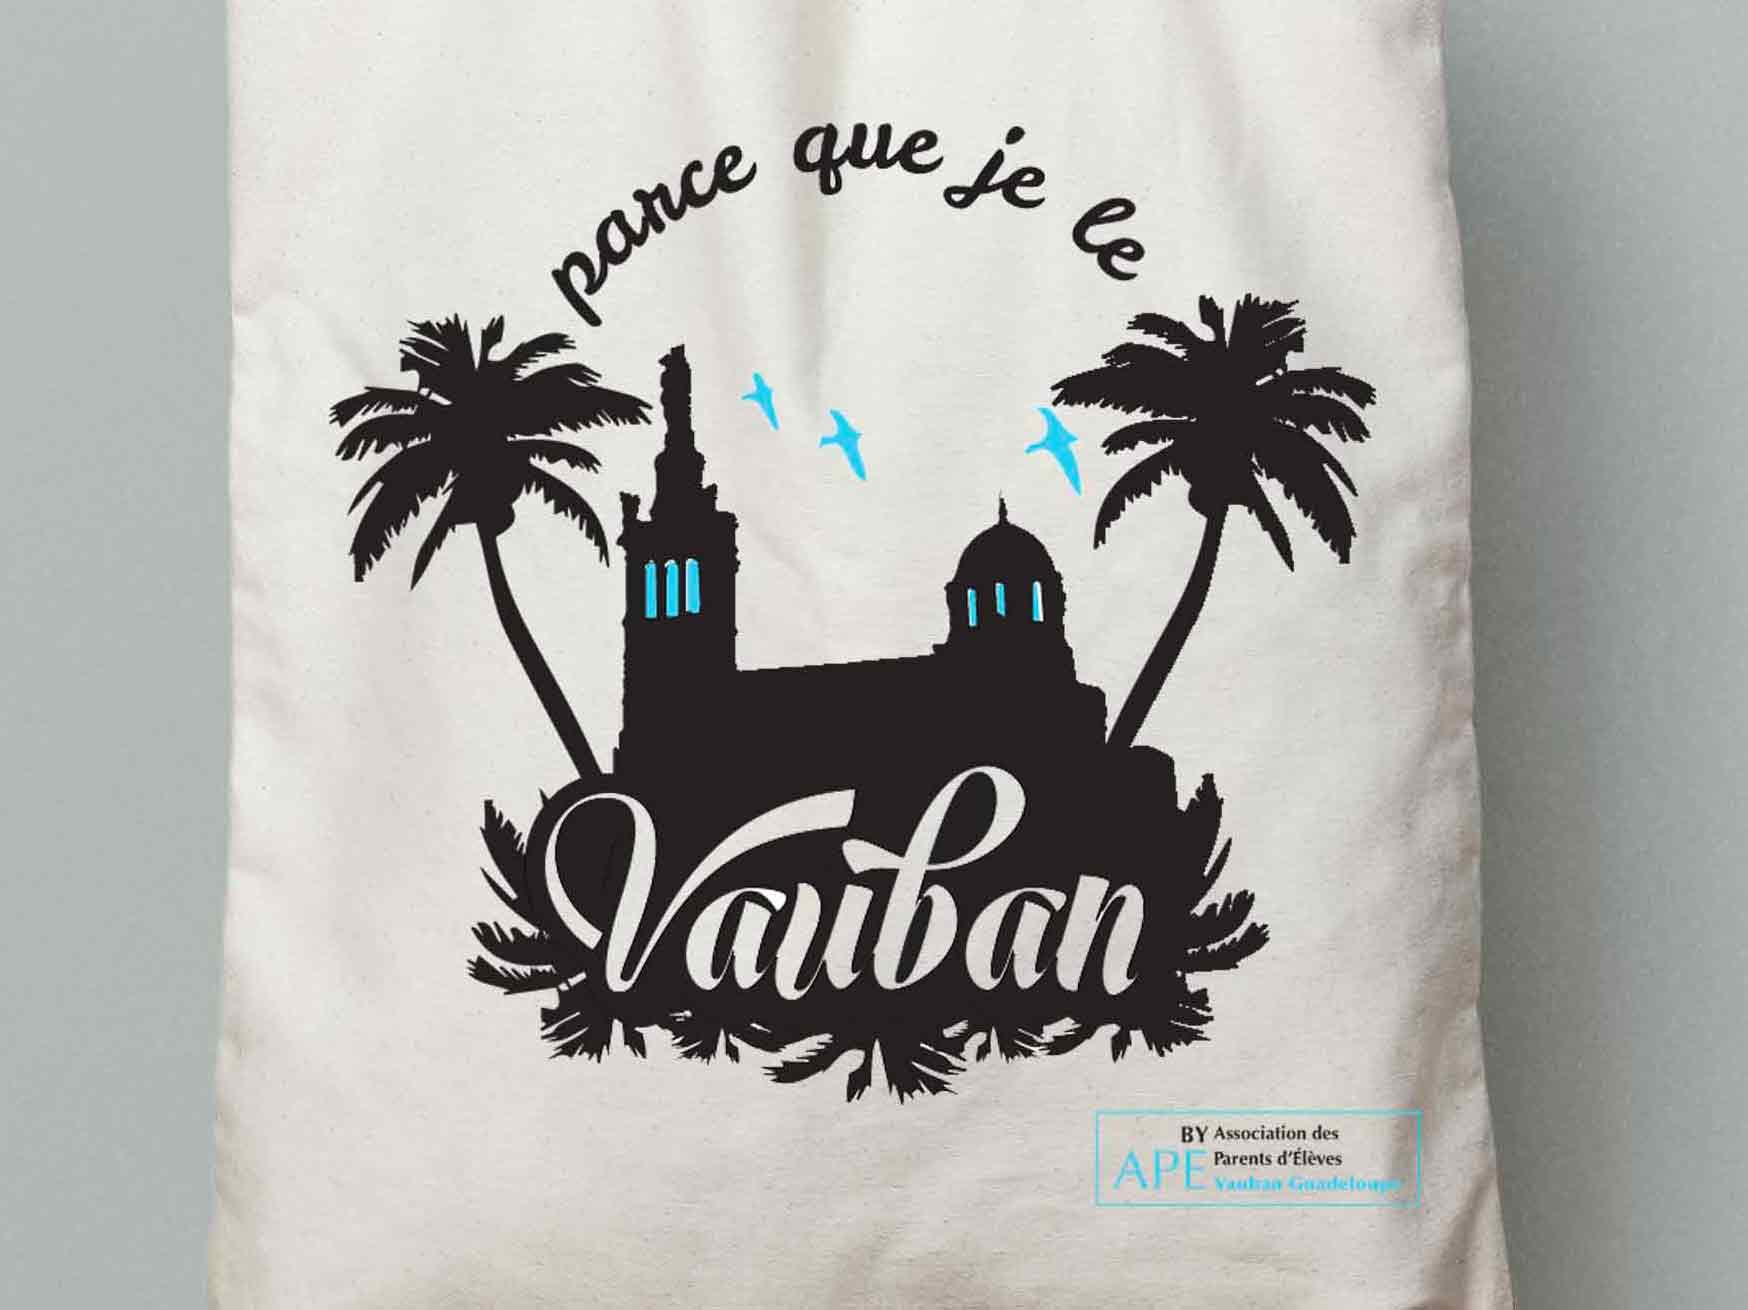 création visuel pour tote bag // Vauban (Marseille)